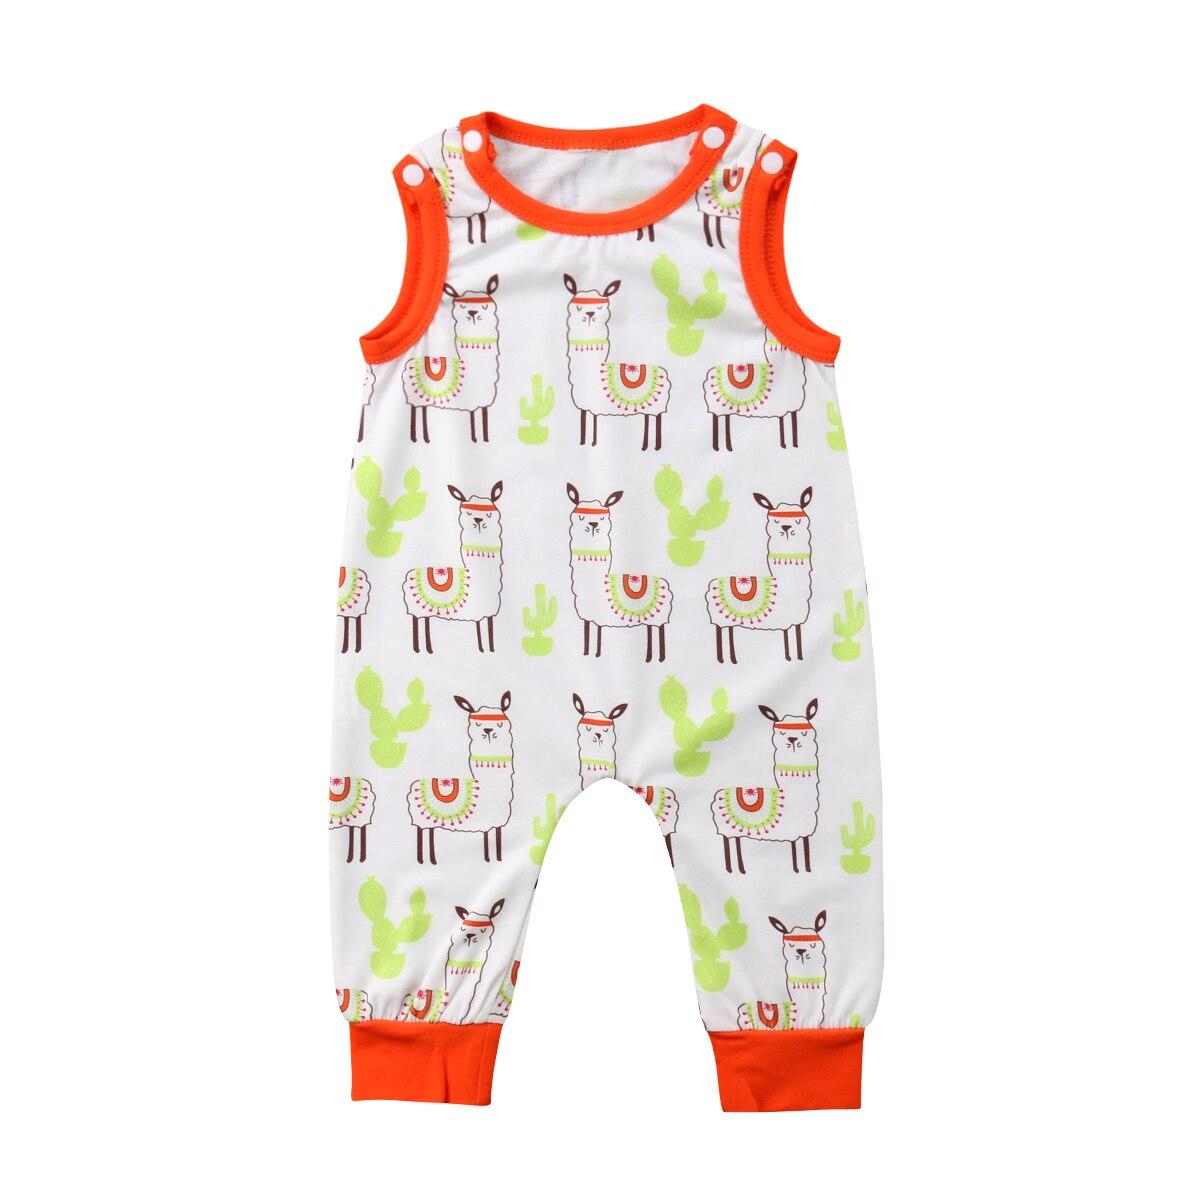 Милый младенческой Дети Одежда для маленьких мальчиков и девочек комбинезон без рукавов хлопок Повседневное комбинезоны наряды Bbay мальчик...